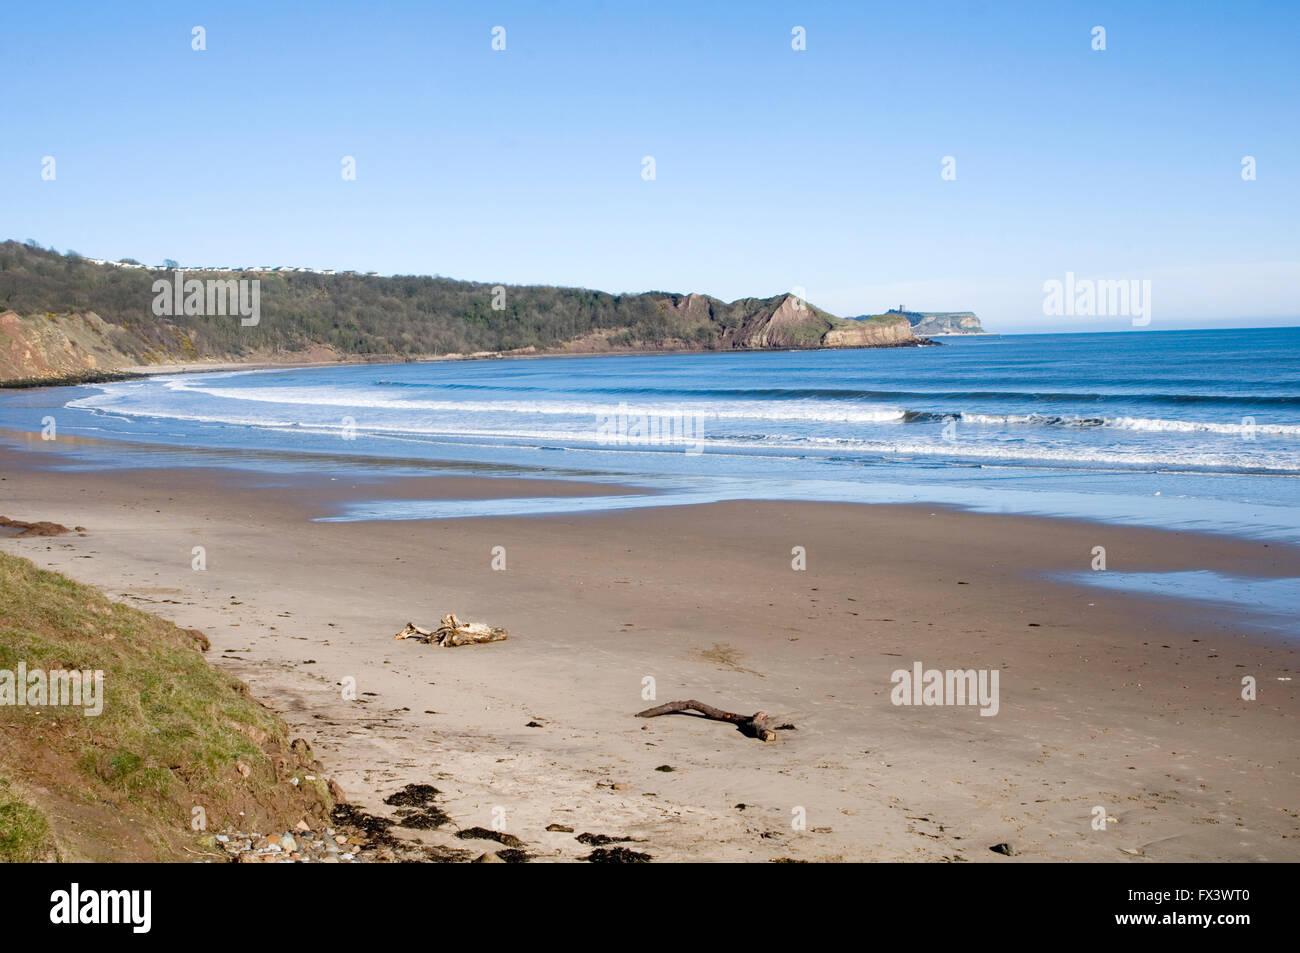 Bahía cayton Scarborough Playa Las playas de la costa de Yorkshire costa este paseo Imagen De Stock